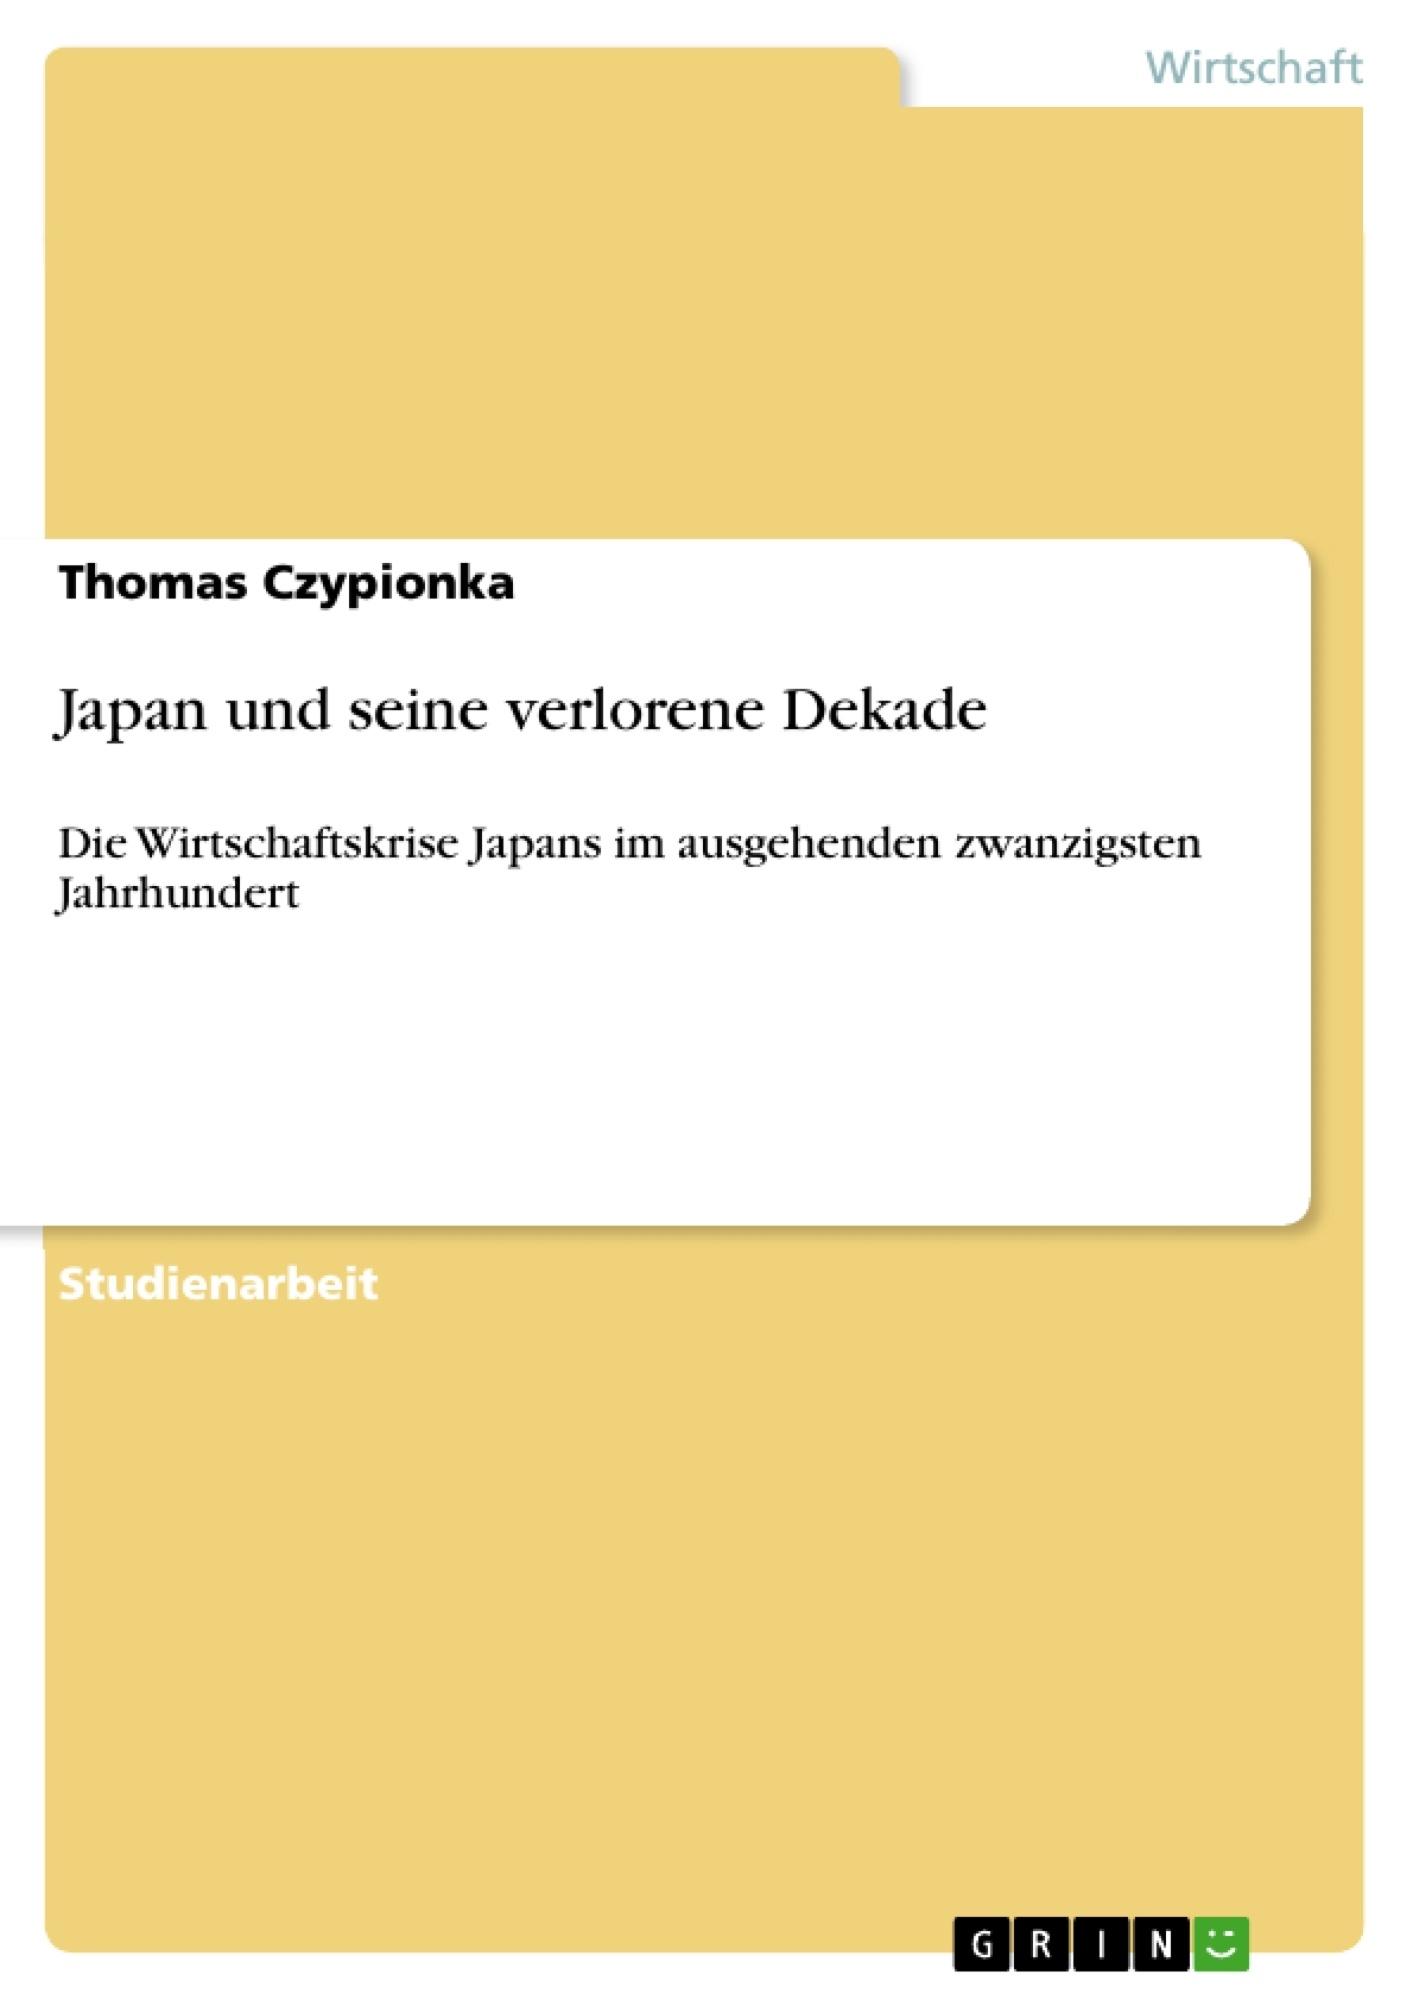 Titel: Japan und seine verlorene Dekade